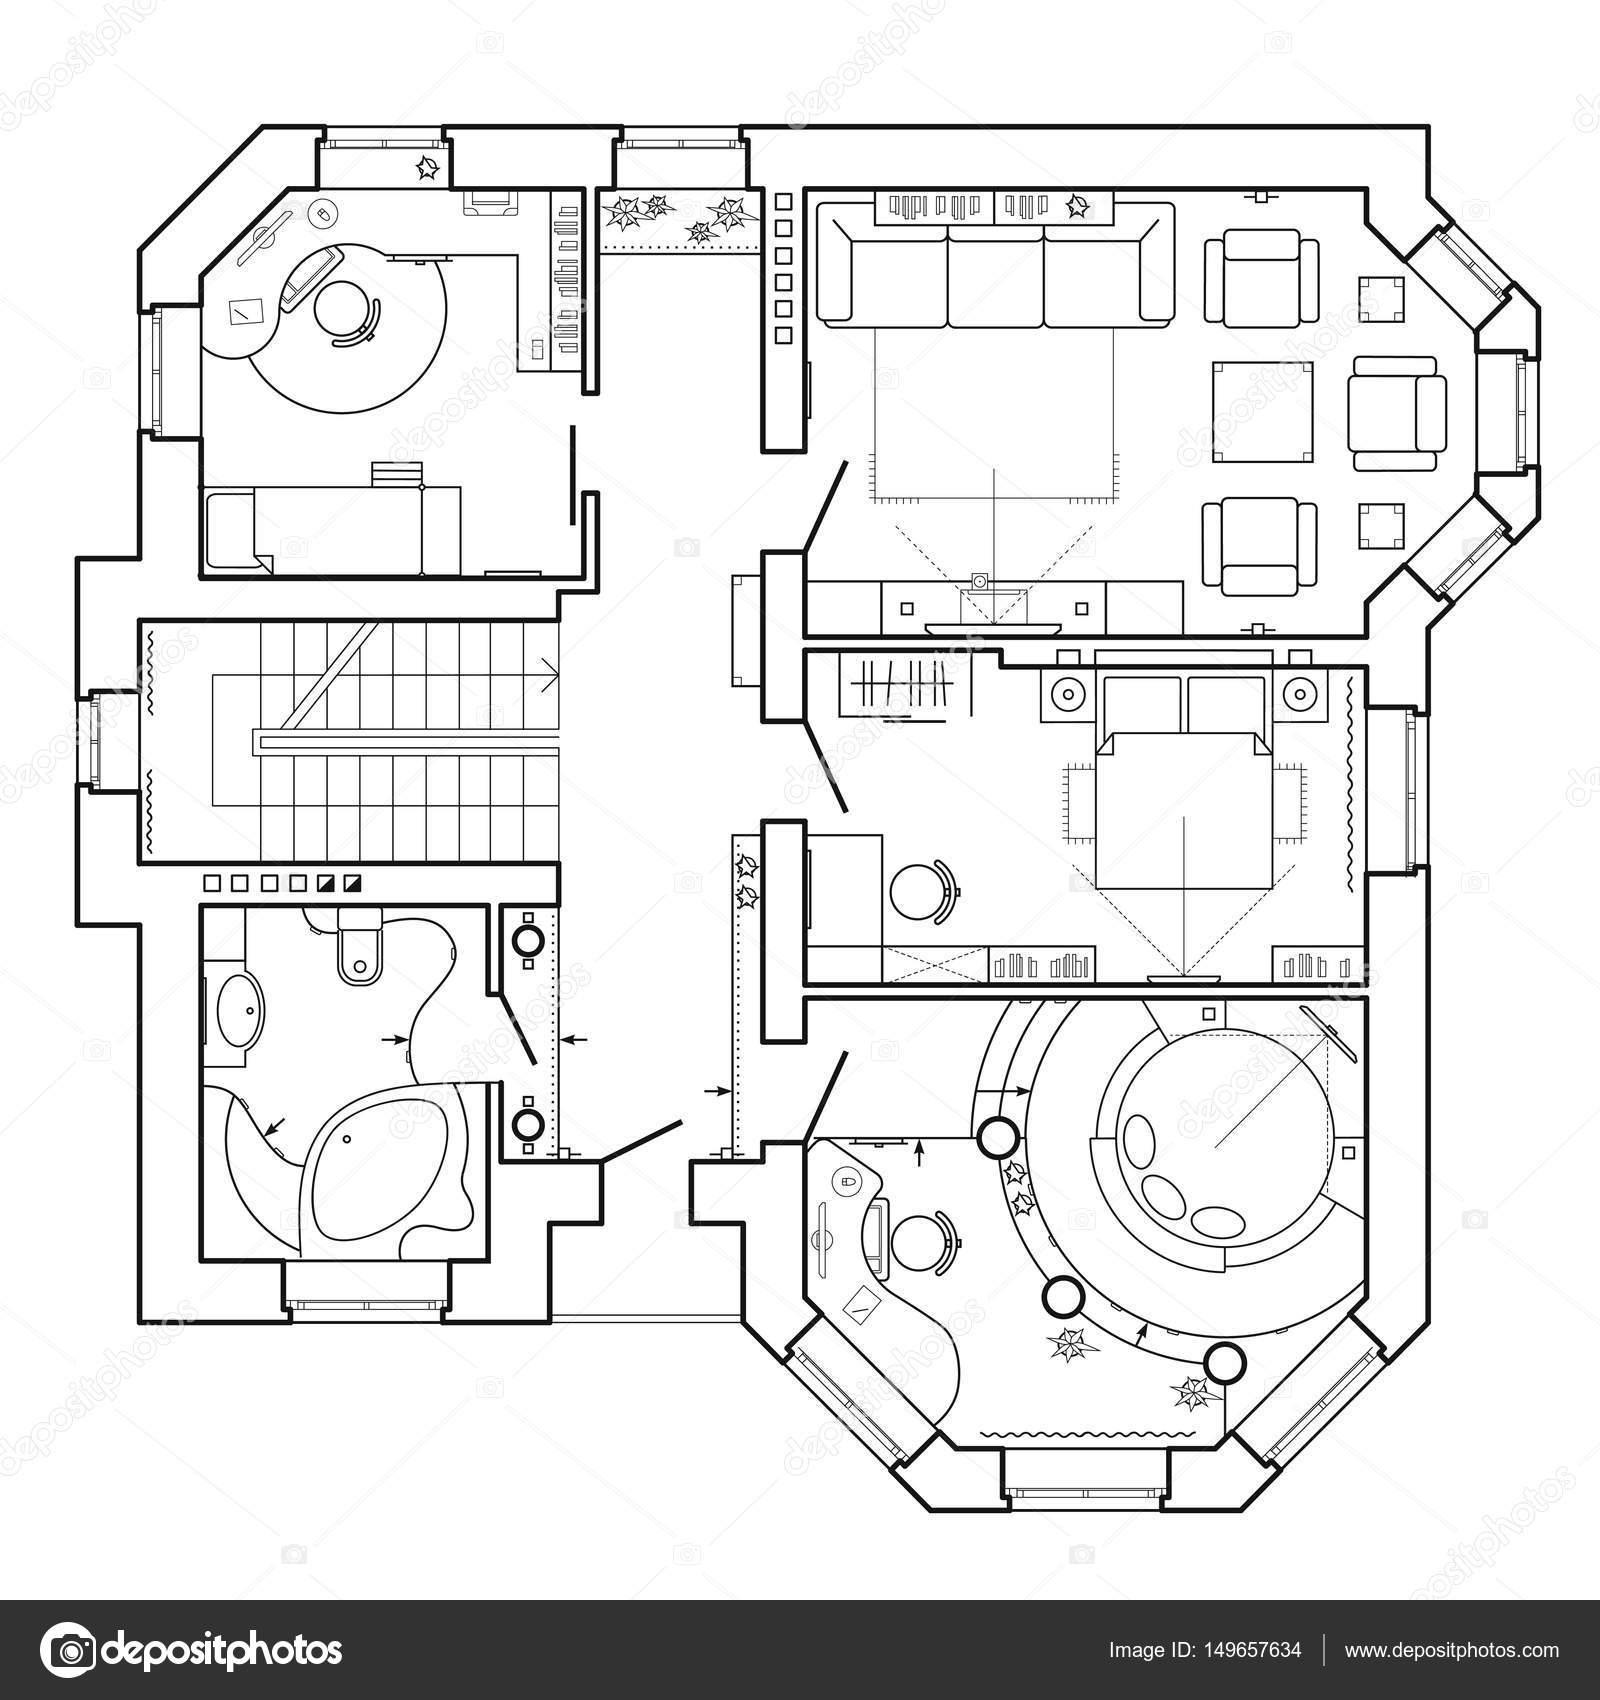 Bianco e nero piano architettonico di una casa. Planimetria dell ...